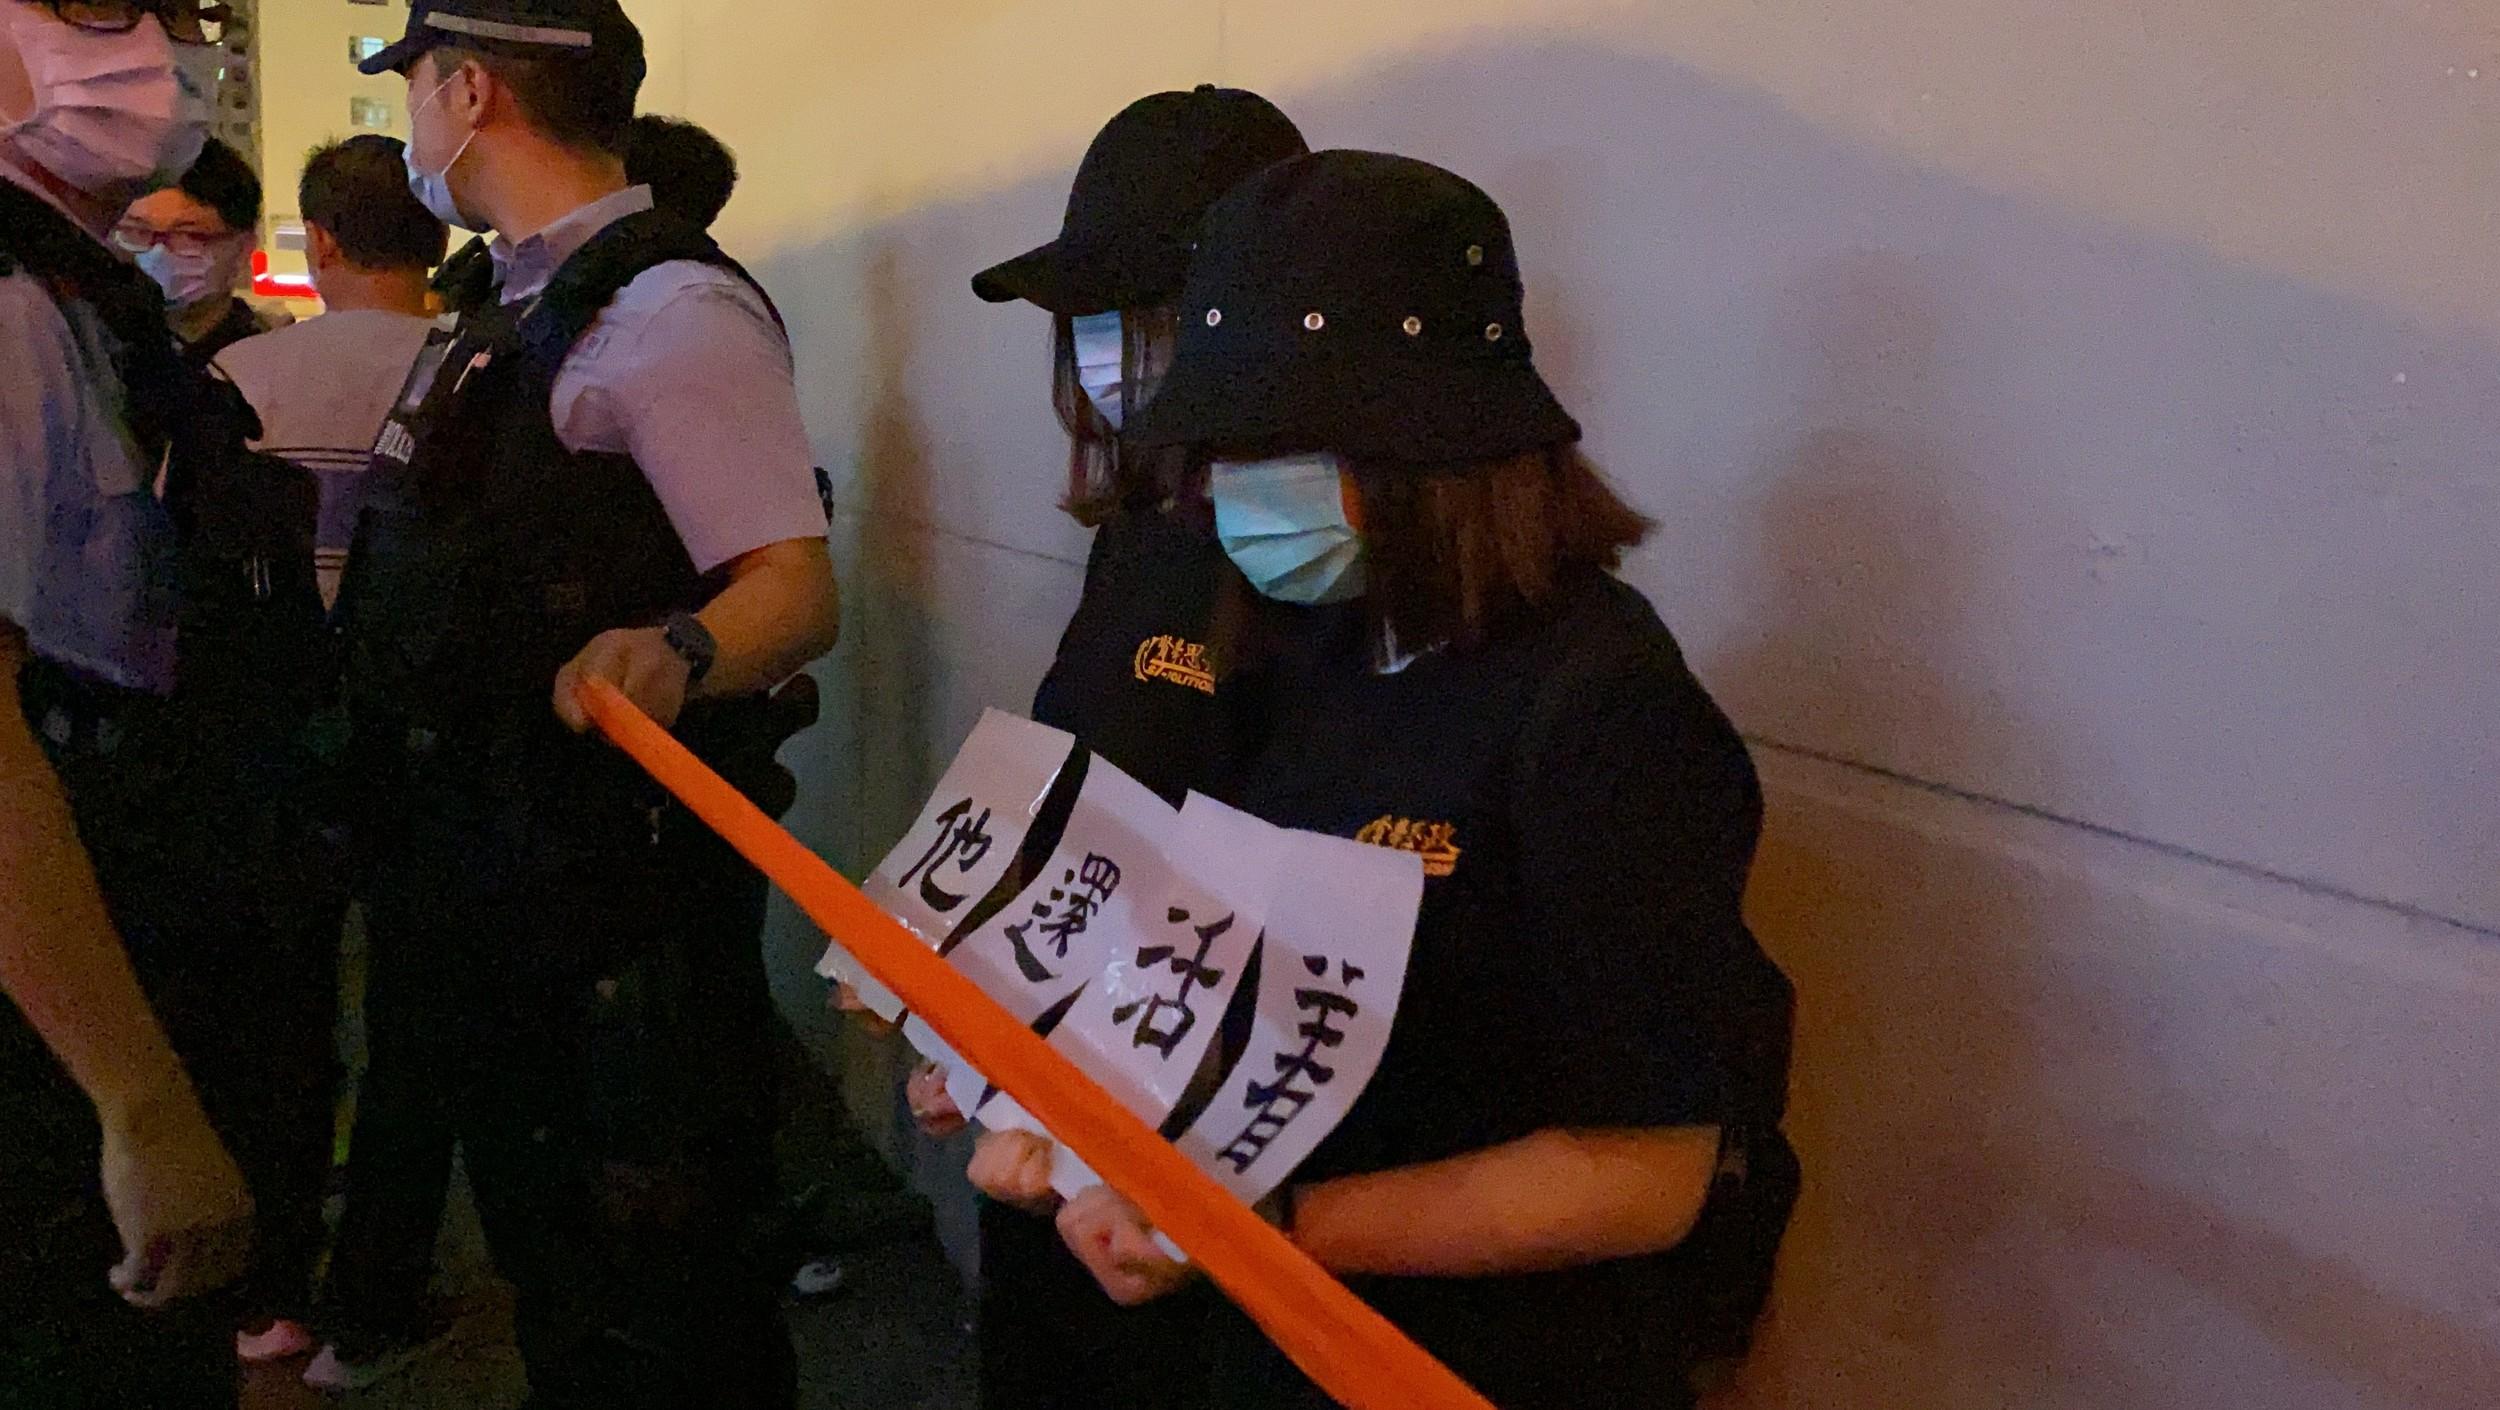 有市民举起标语,上书「有些人死了,但他们还活著」。(李智智 摄)